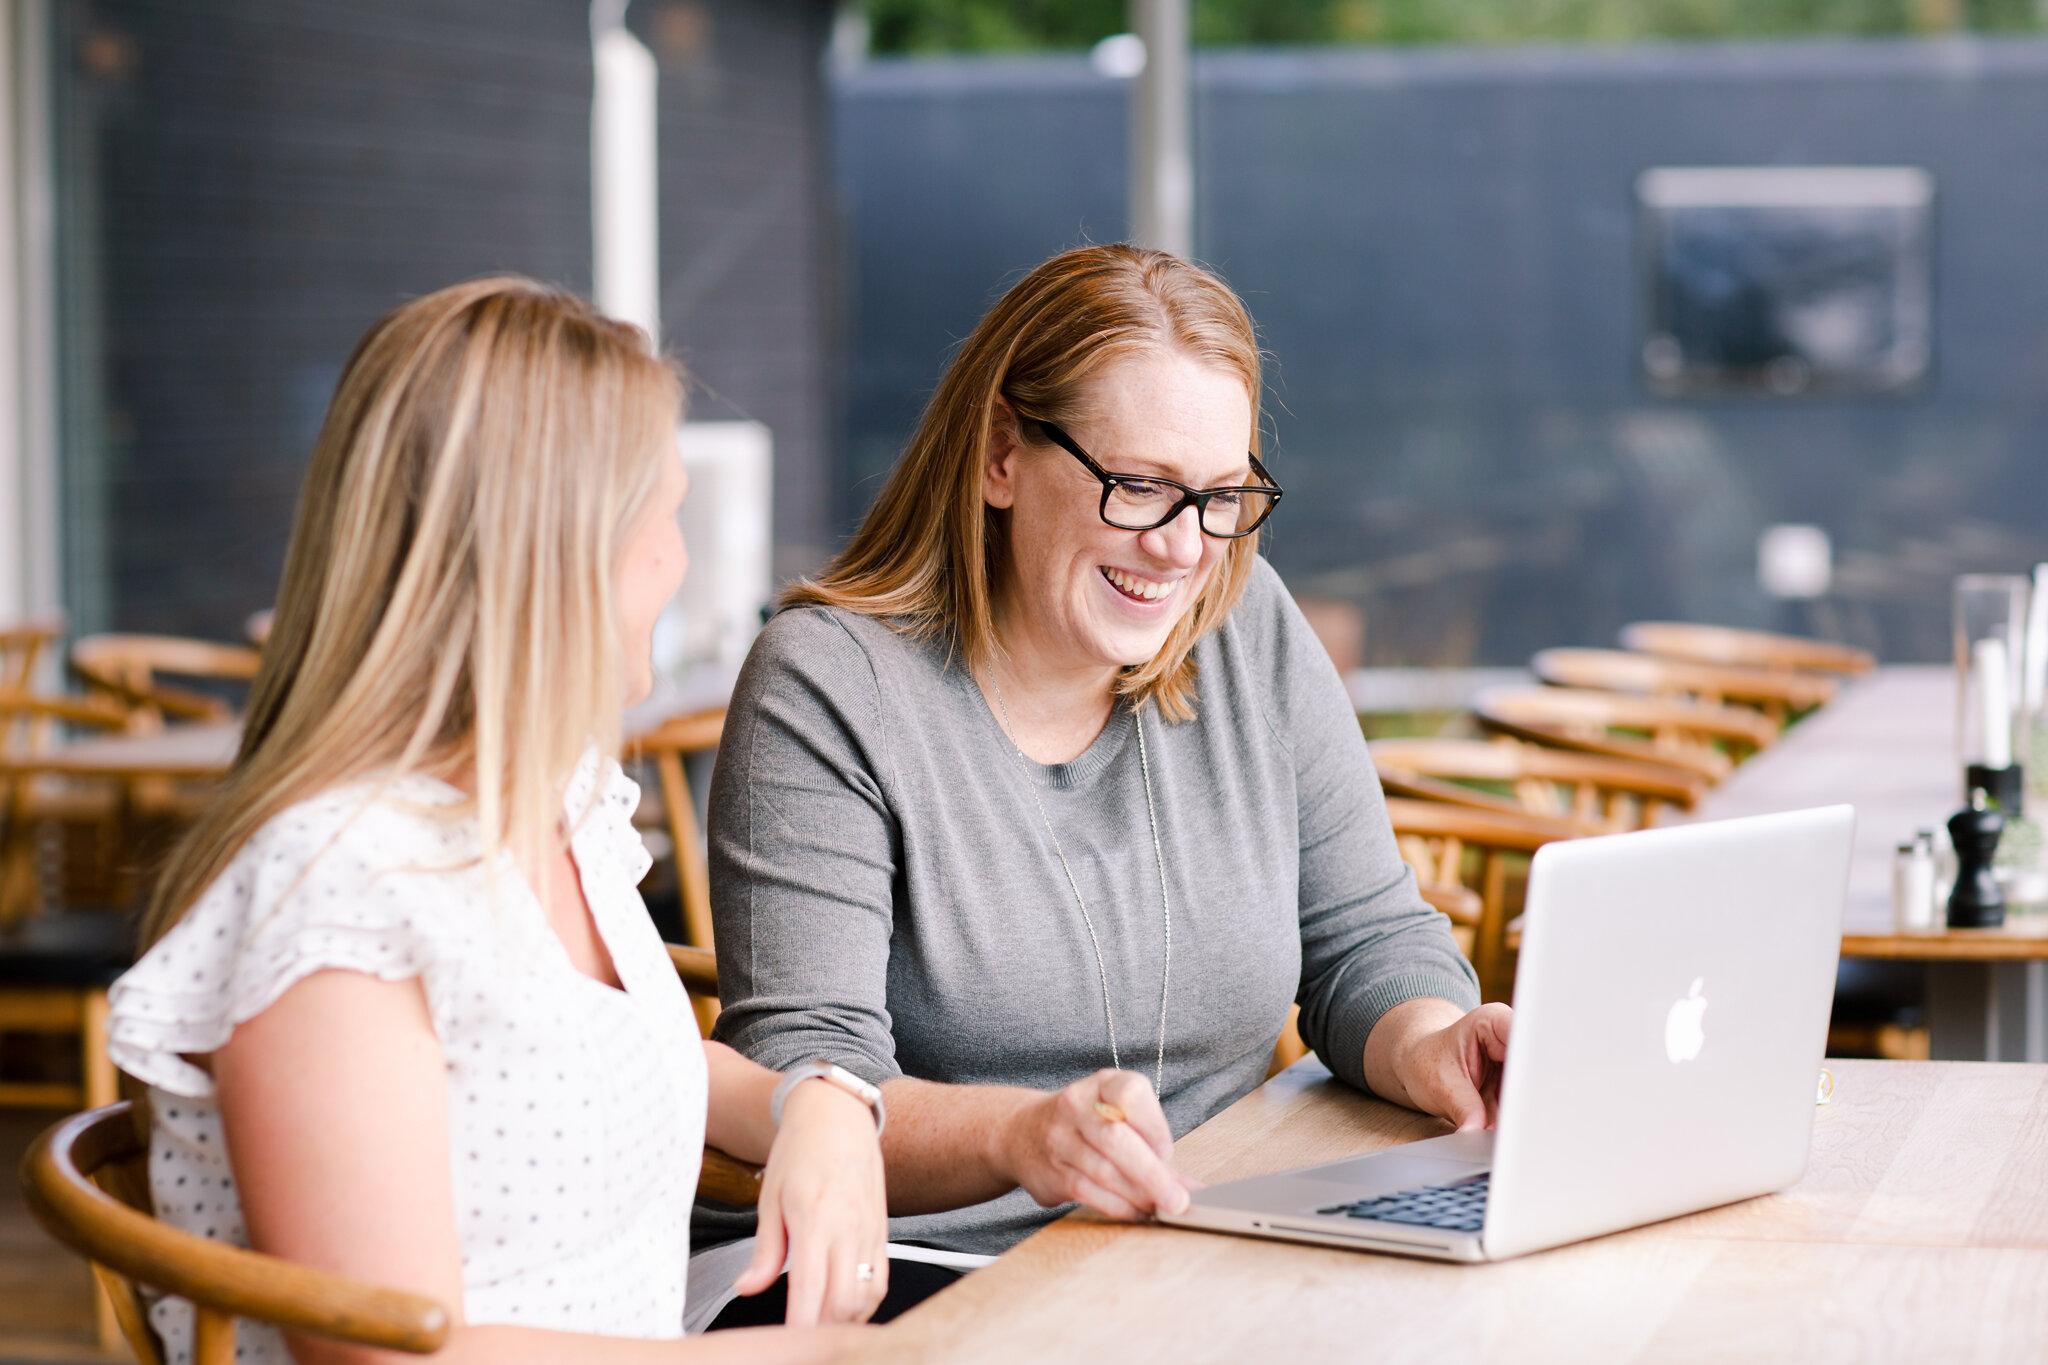 En del i processen med att bygga din hemsida är att ses och gå igenom dina önskemål för webdesignen. När vi säger hejdå har vi gjort en skiss över hur din nya hemsida ska se ut och vad den ska innehålla både när det gäller copywriting och dina foton från personal brand-fotograferingen.